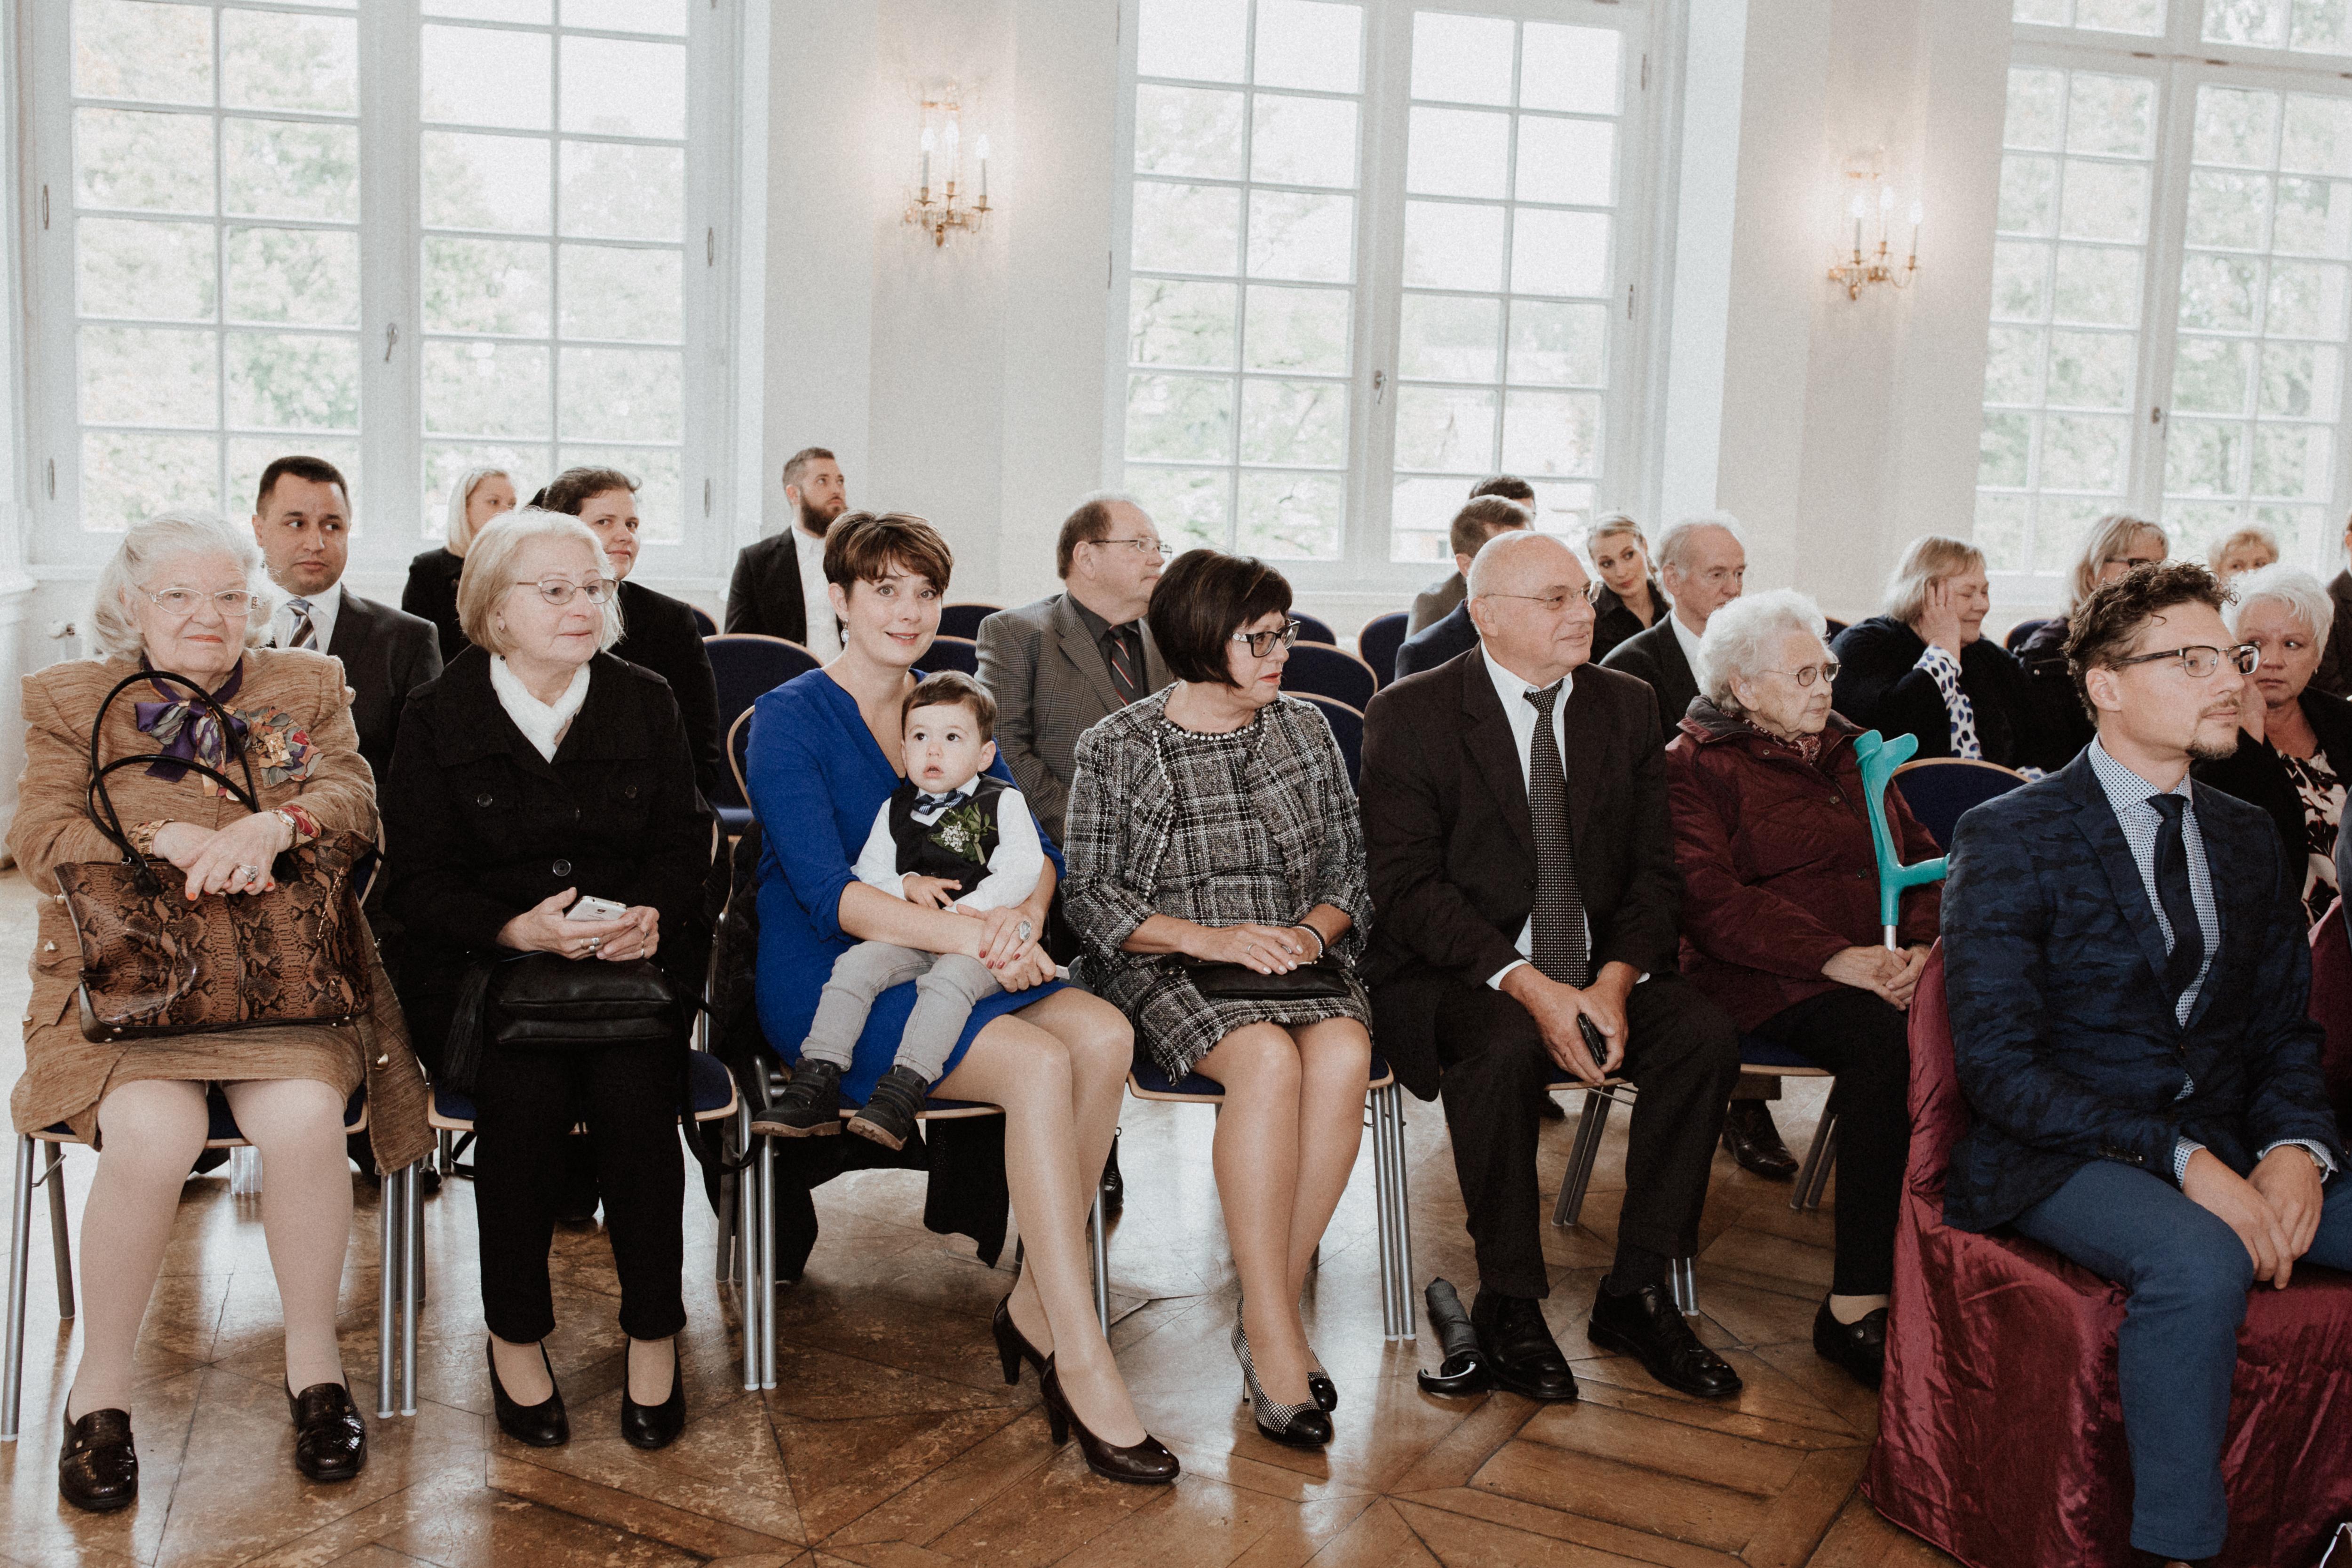 URBANERIE_Daniela_Goth_Hochzeitsfotografin_Nürnberg_Fürth_Erlangen_Schwabach_171007_0232